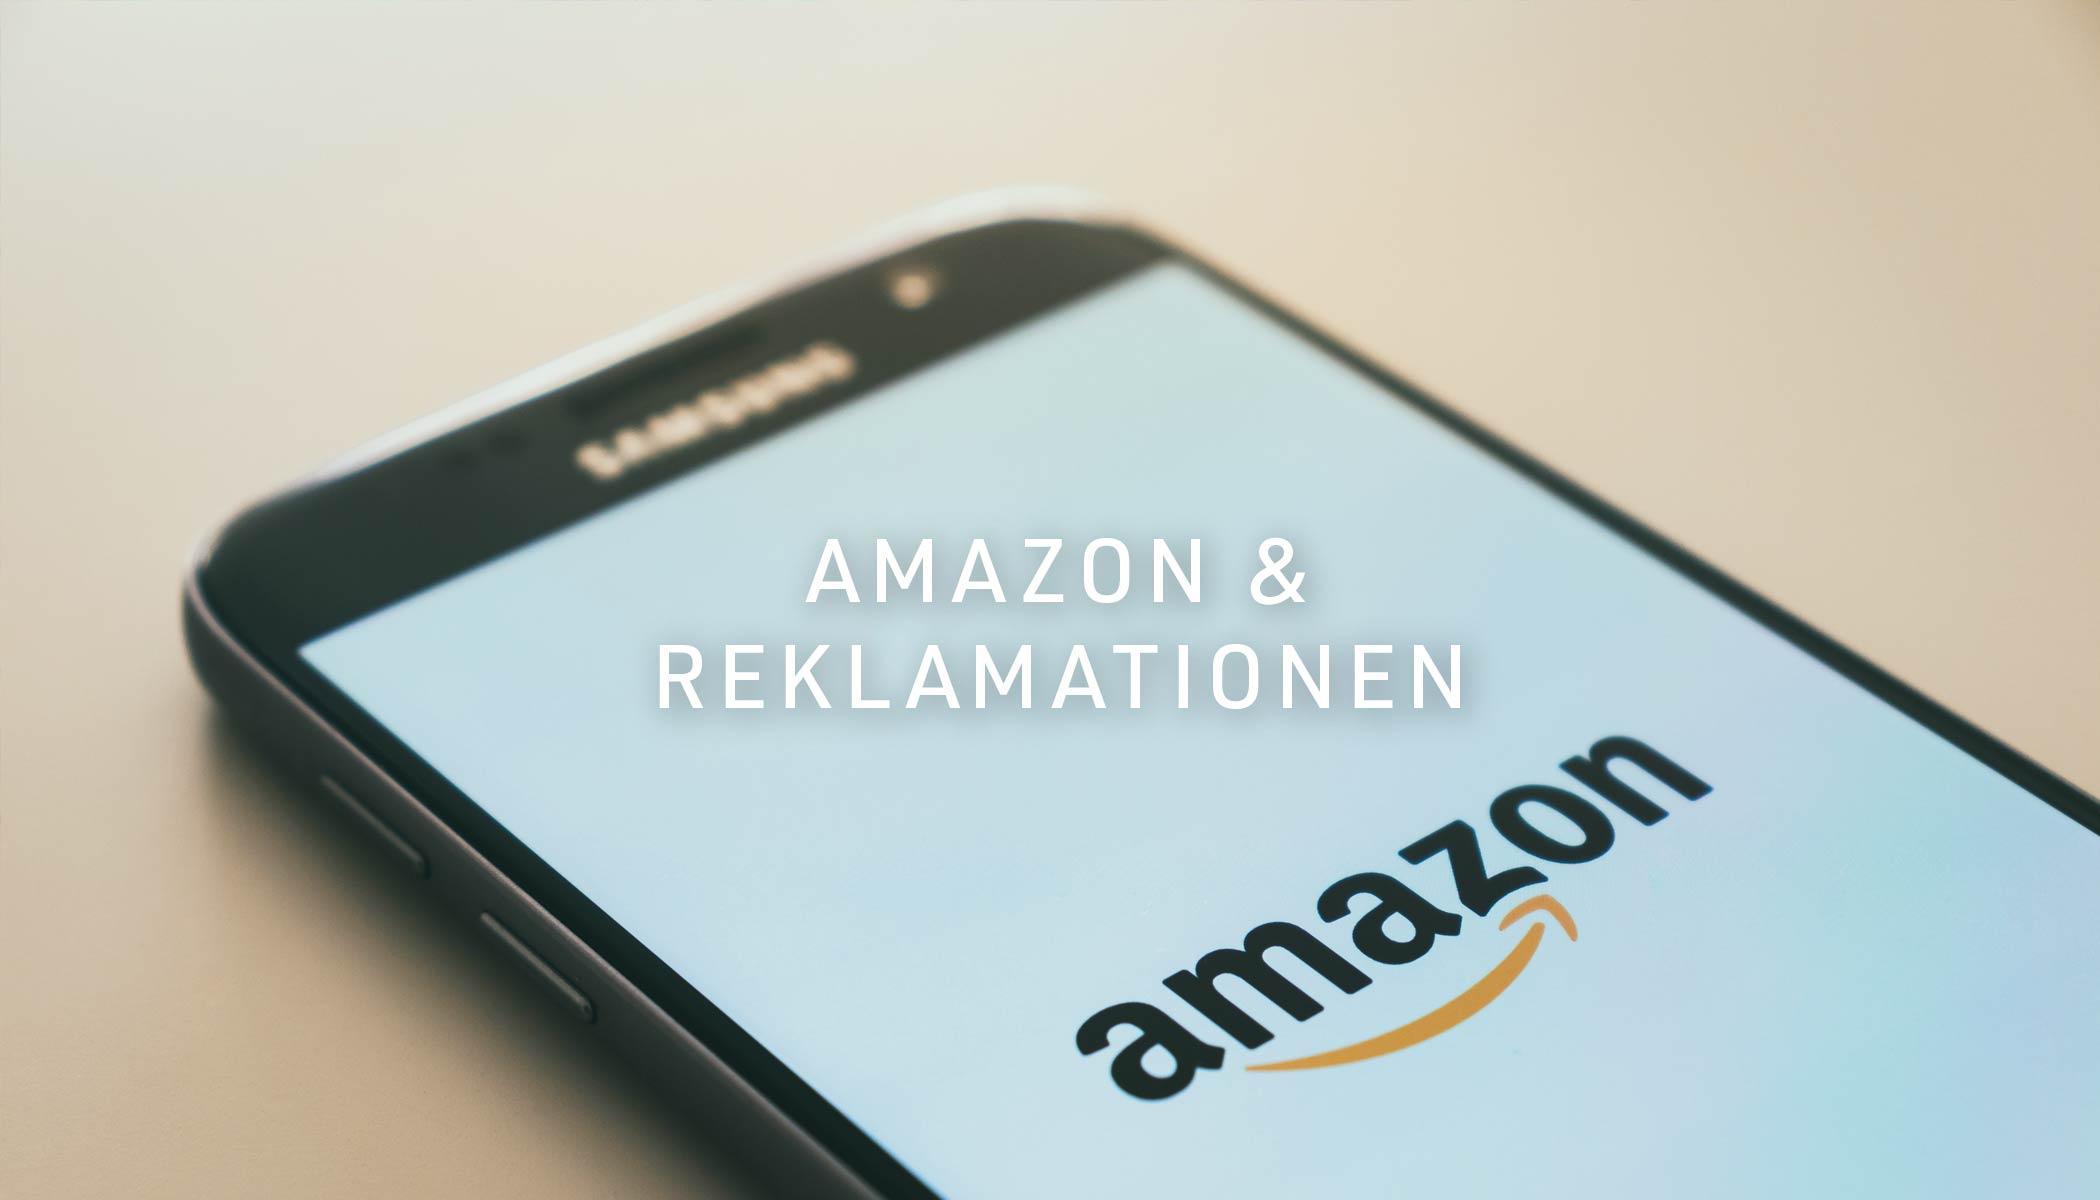 Reklamationen - Was man von Amazon in Bezug auf Reklamationen lernen kann